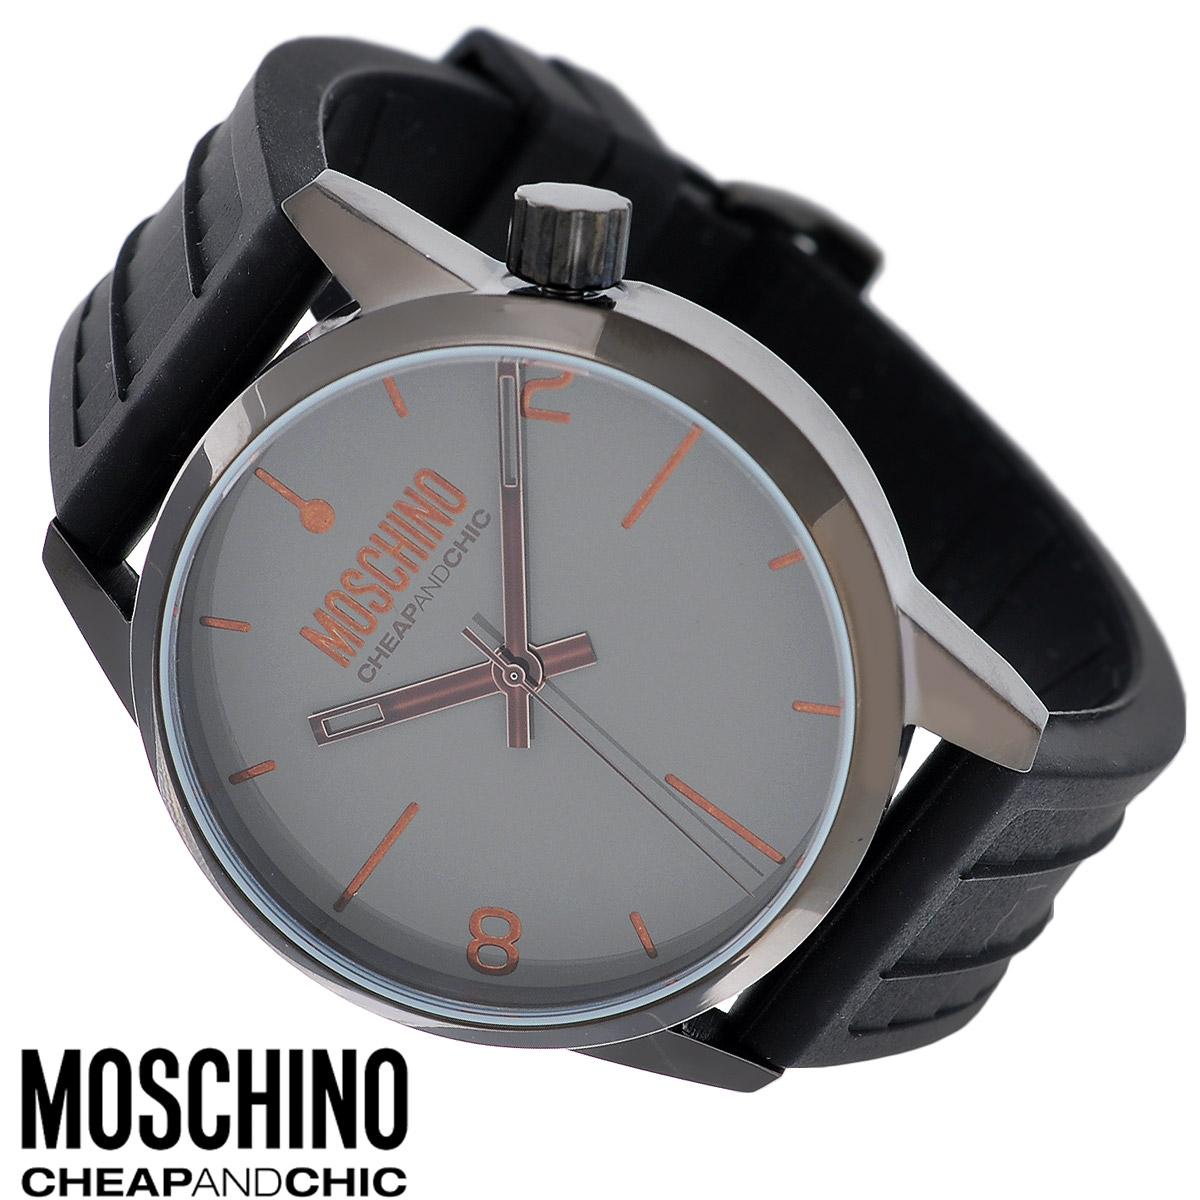 Часы наручные Moschino, цвет: черный, серый. MW027023008Наручные часы от известного итальянского бренда Moschino - это не только стильный и функциональный аксессуар, но и современные технологи, сочетающиеся с экстравагантным дизайном и индивидуальностью. Часы Moschino оснащены кварцевым механизмом. Корпус круглой формы выполнен из высококачественной нержавеющей стали с PVD-покрытием. Циферблат с отметками и арабскими цифрами защищен минеральным стеклом. Часы имеют три стрелки - часовую, минутную и секундную. Ремешок часов выполнен из каучука и оснащен классической застежкой.Часы упакованы в фирменную металлическую коробку с логотипом бренда. Часы Moschino благодаря своему уникальному дизайну отличаются от часов других марок своеобразными циферблатами, функциональностью, а также набором уникальных технических свойств. Каждой модели присуща легкая экстравагантность, самобытность и, безусловно, великолепный вкус. Характеристики: Диаметр циферблата: 4 см.Размер корпуса: 4,5 см х 4,5 см х 1,3 см.Длина ремешка (с корпусом): 25,5 см.Ширина ремешка: 2,3 см.